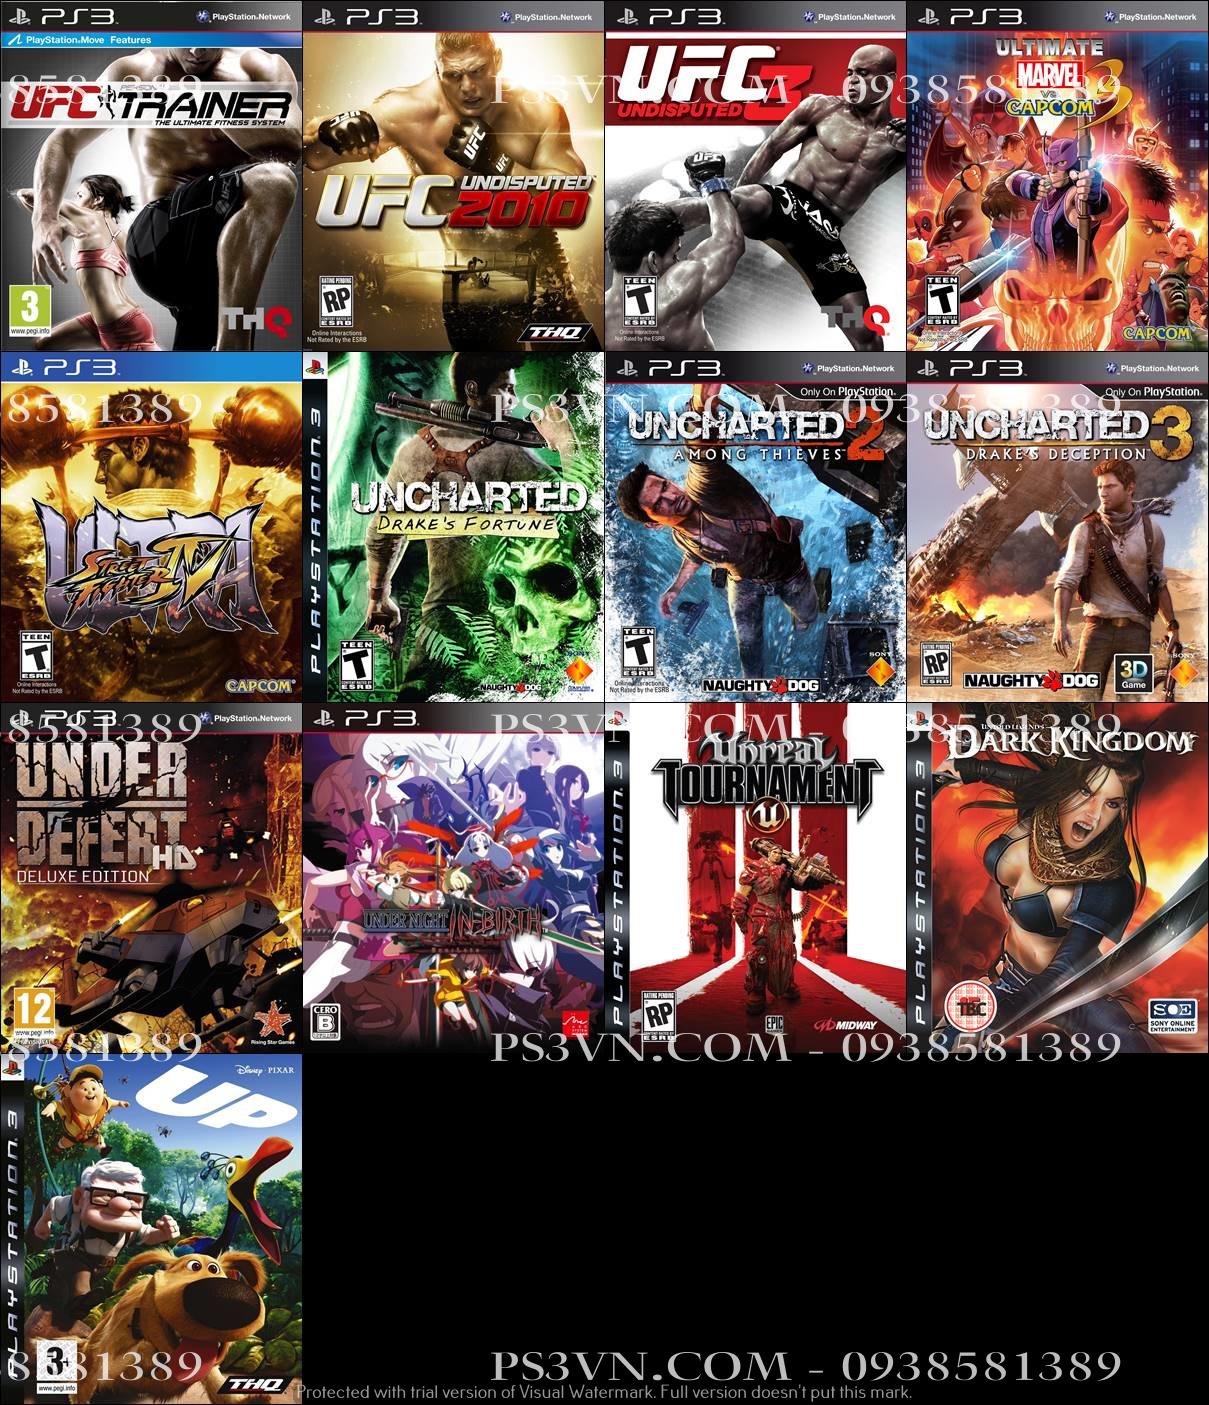 Chép Game PS3 tại nhà giá rẻ nhất TPHCM - PS3VN.COM - 42